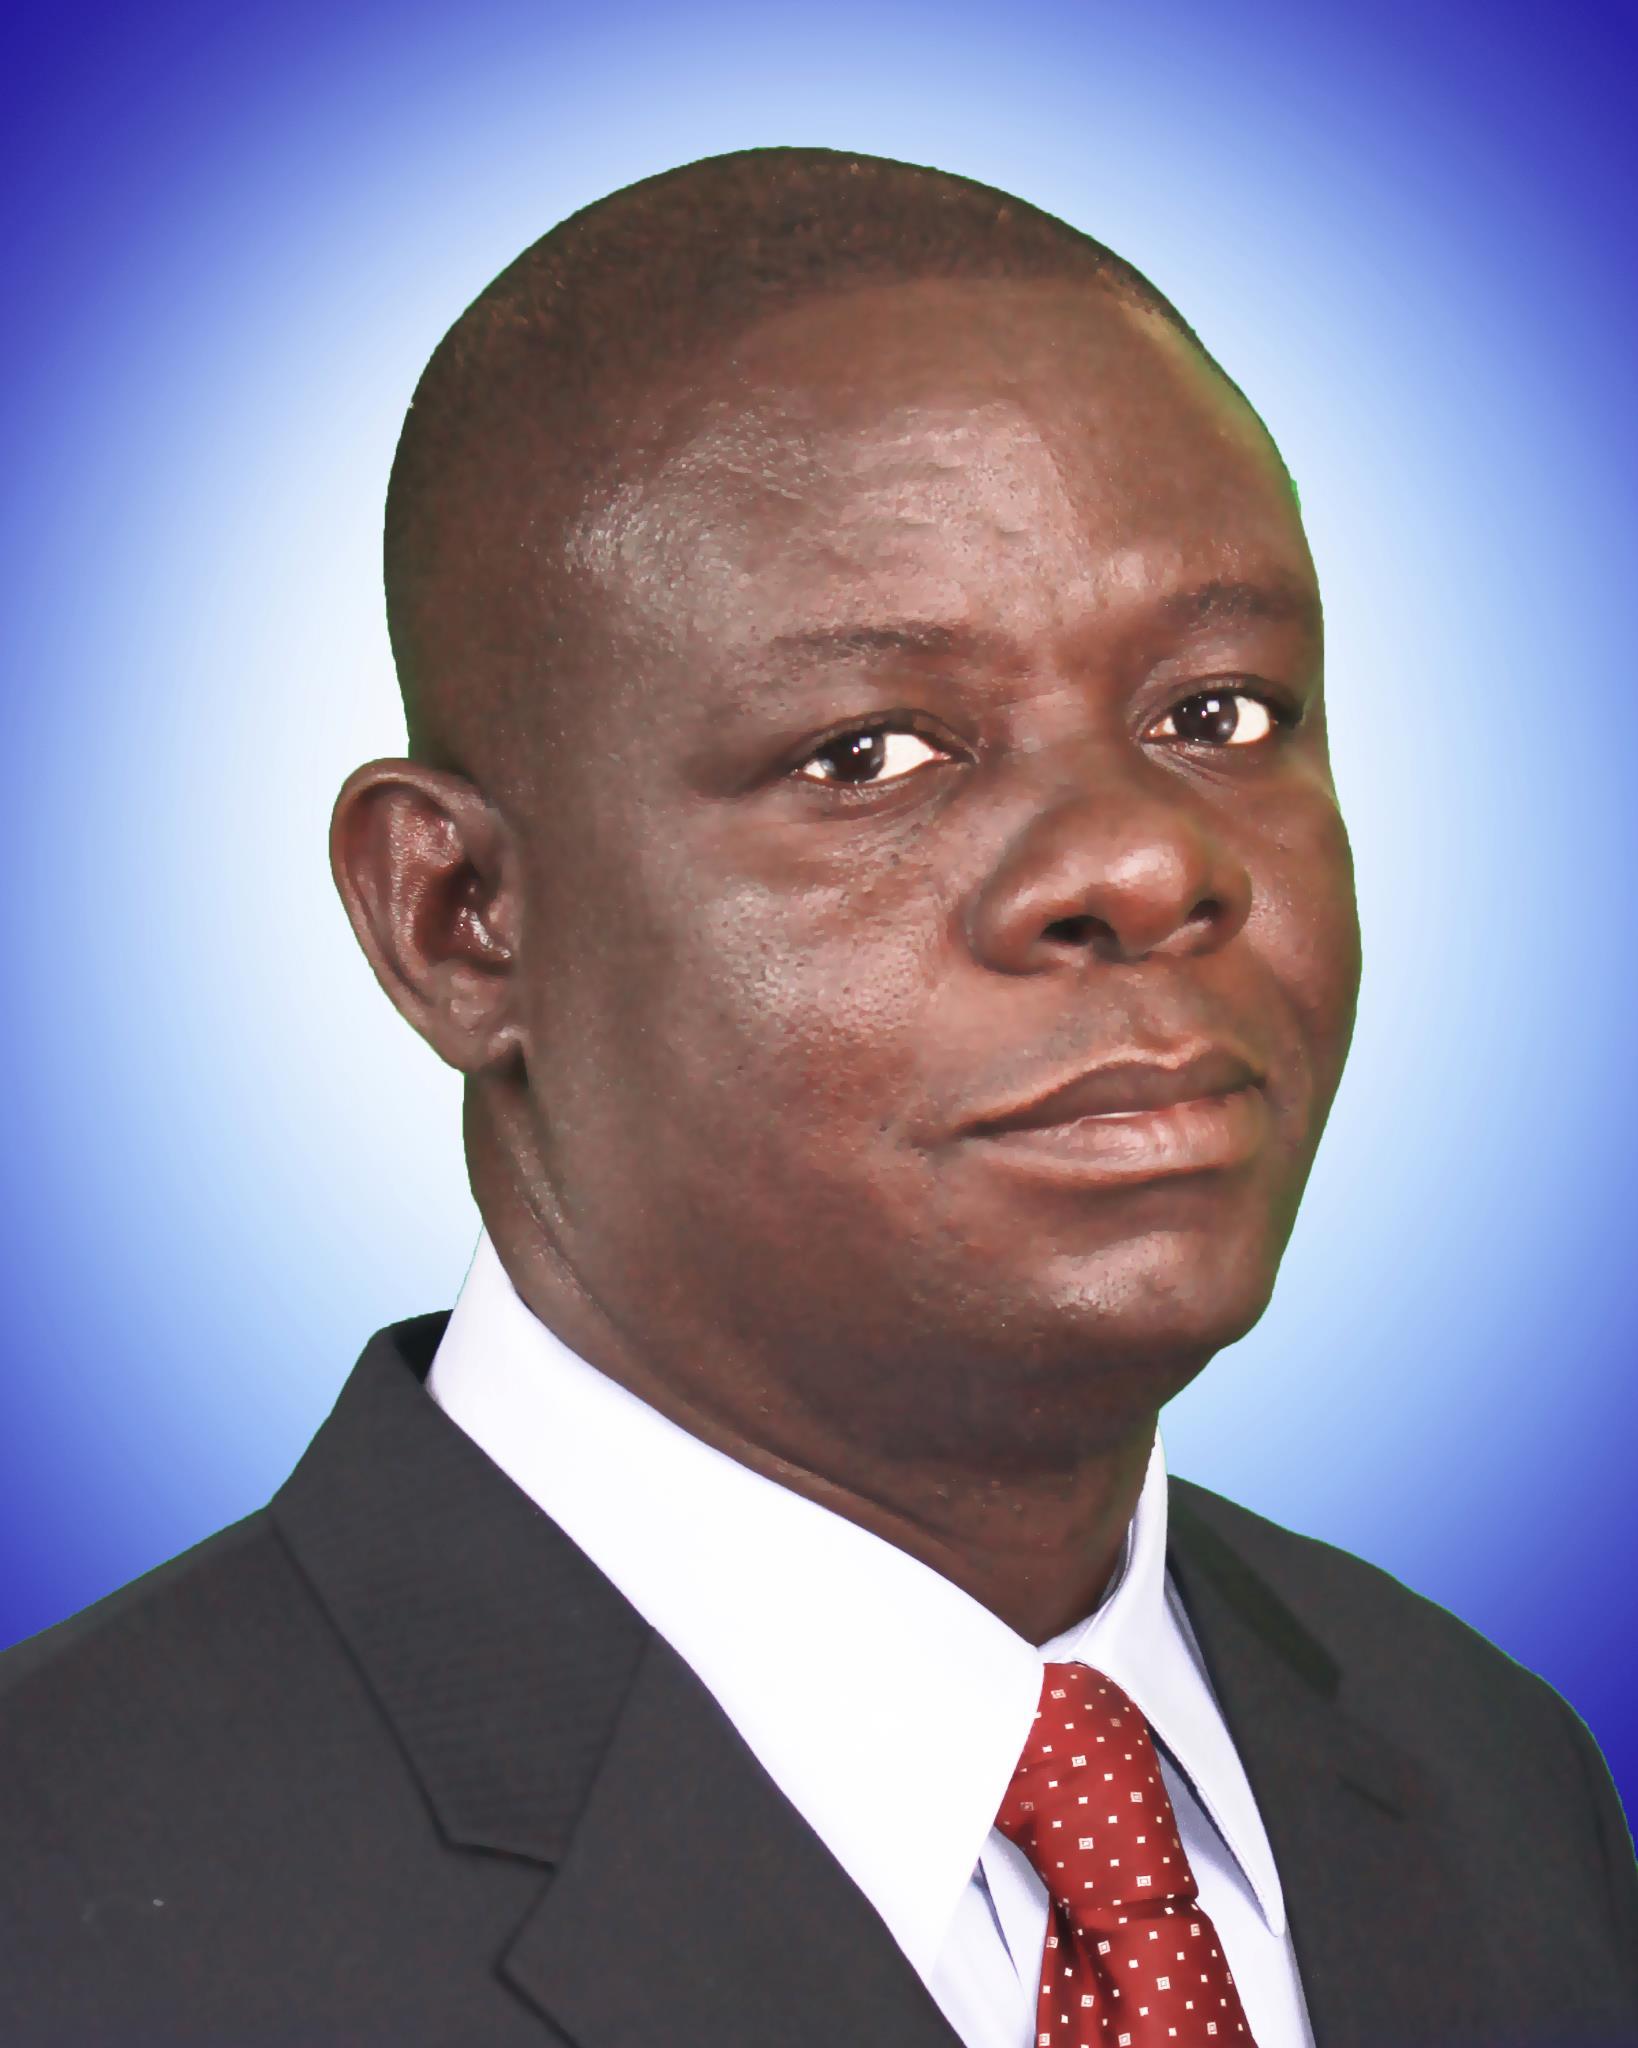 Trempé dans un scandale de corruption, le sénateur Onondieu Louis s'est présenté volontairement au cabinet d'instruction